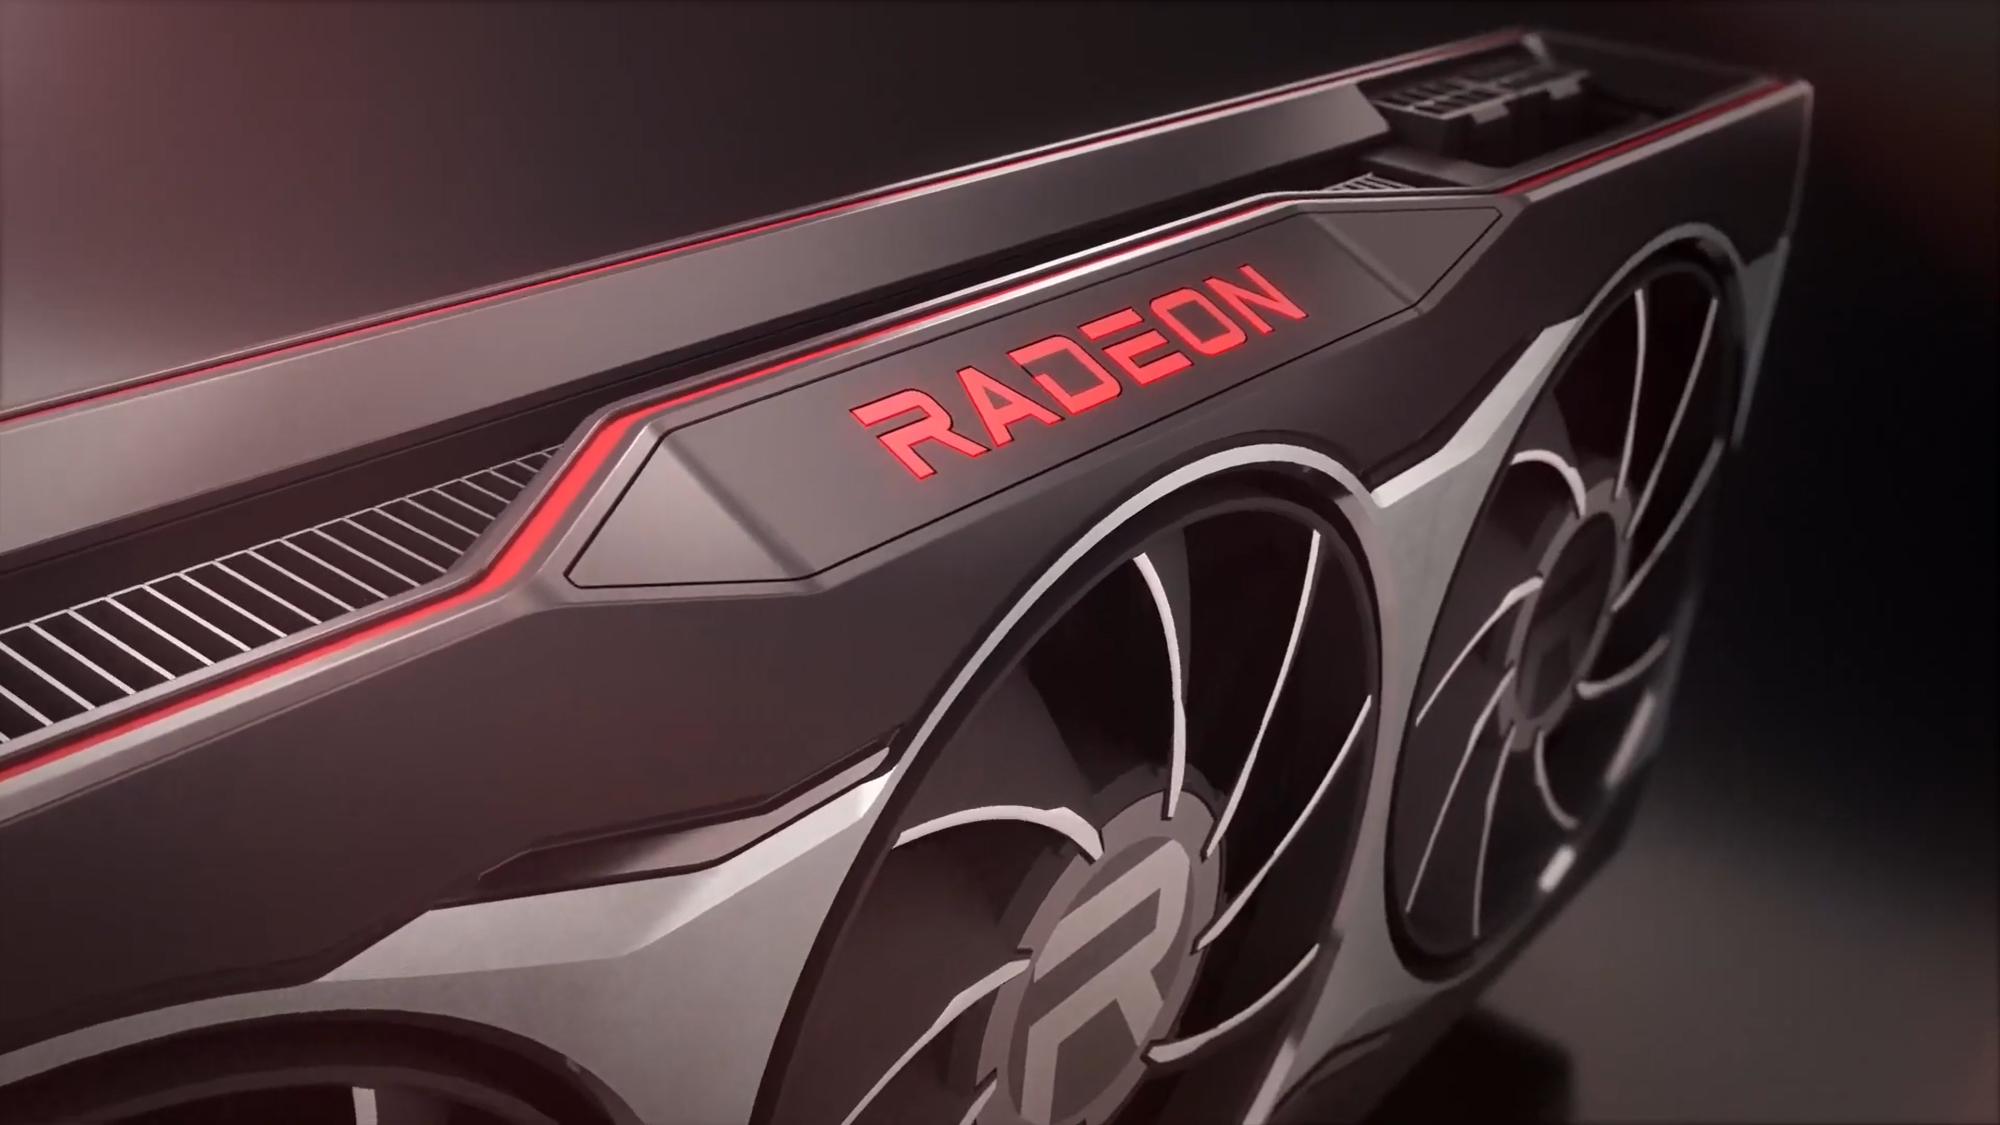 RX 6800 (XT) referensdesign slutar tillverkas tidigt 2021